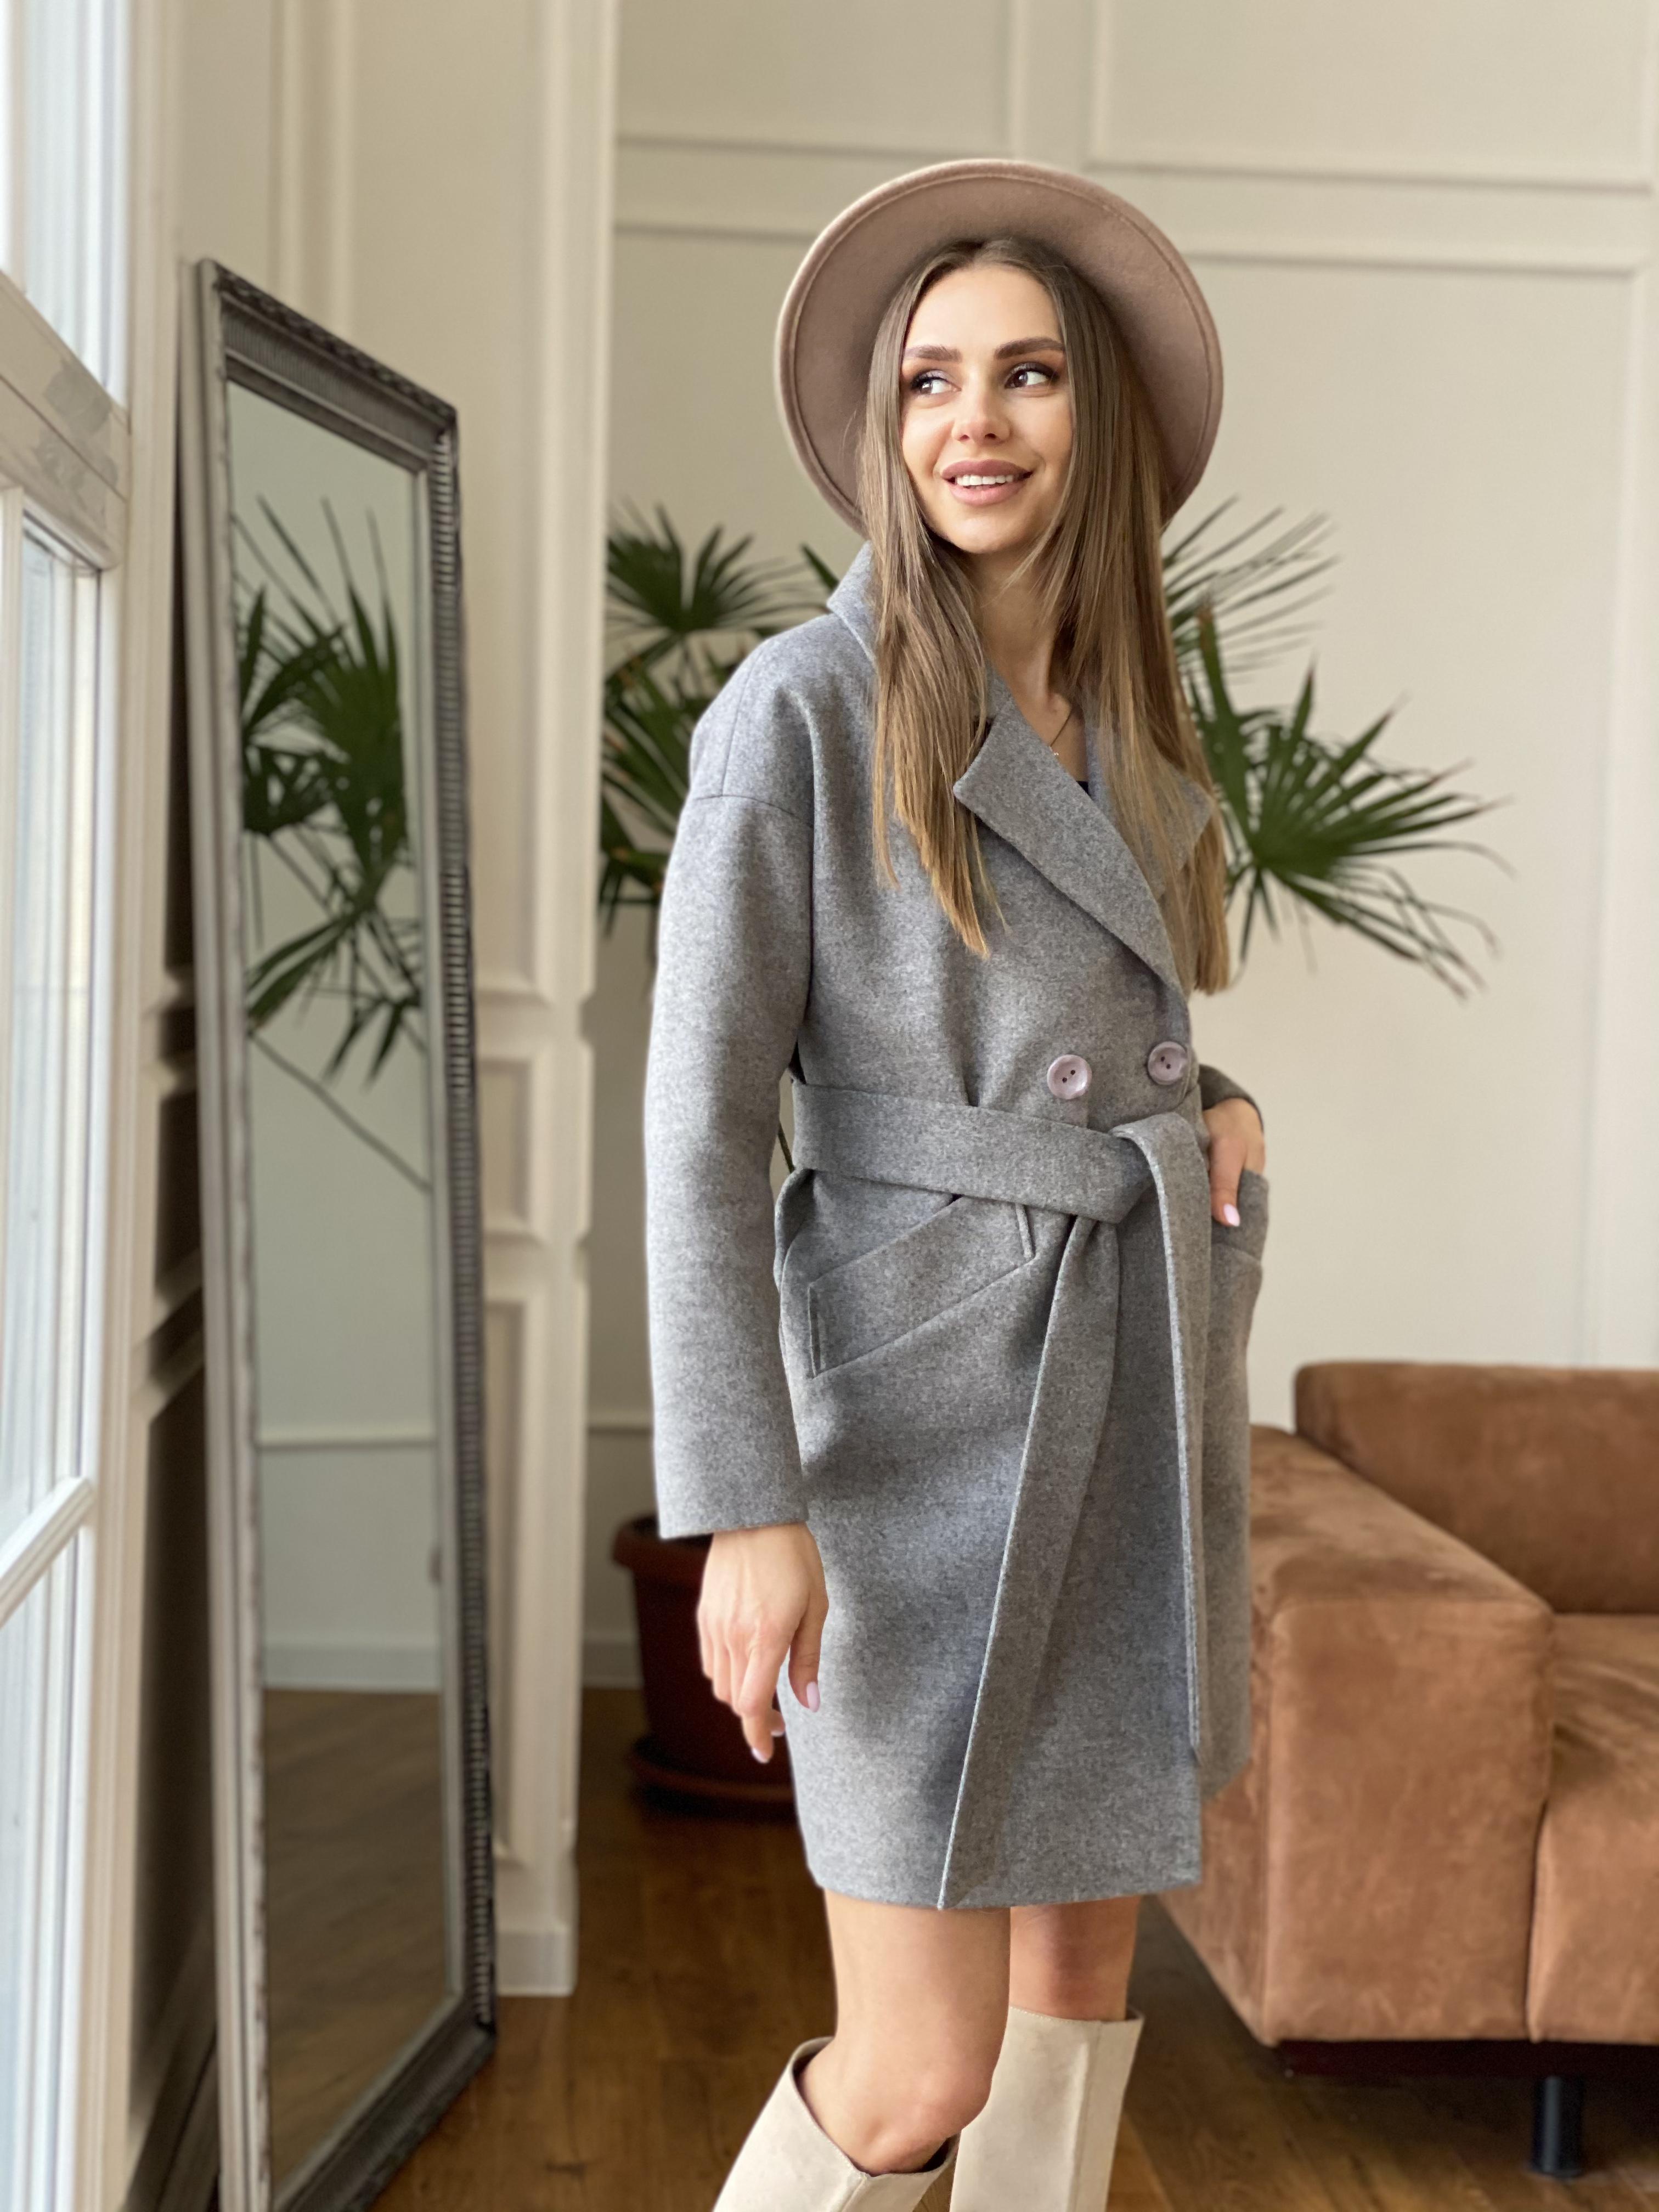 Сенсей пальто из кашемира меланж  10745 АРТ. 47224 Цвет: Карамель 20/1 - фото 7, интернет магазин tm-modus.ru